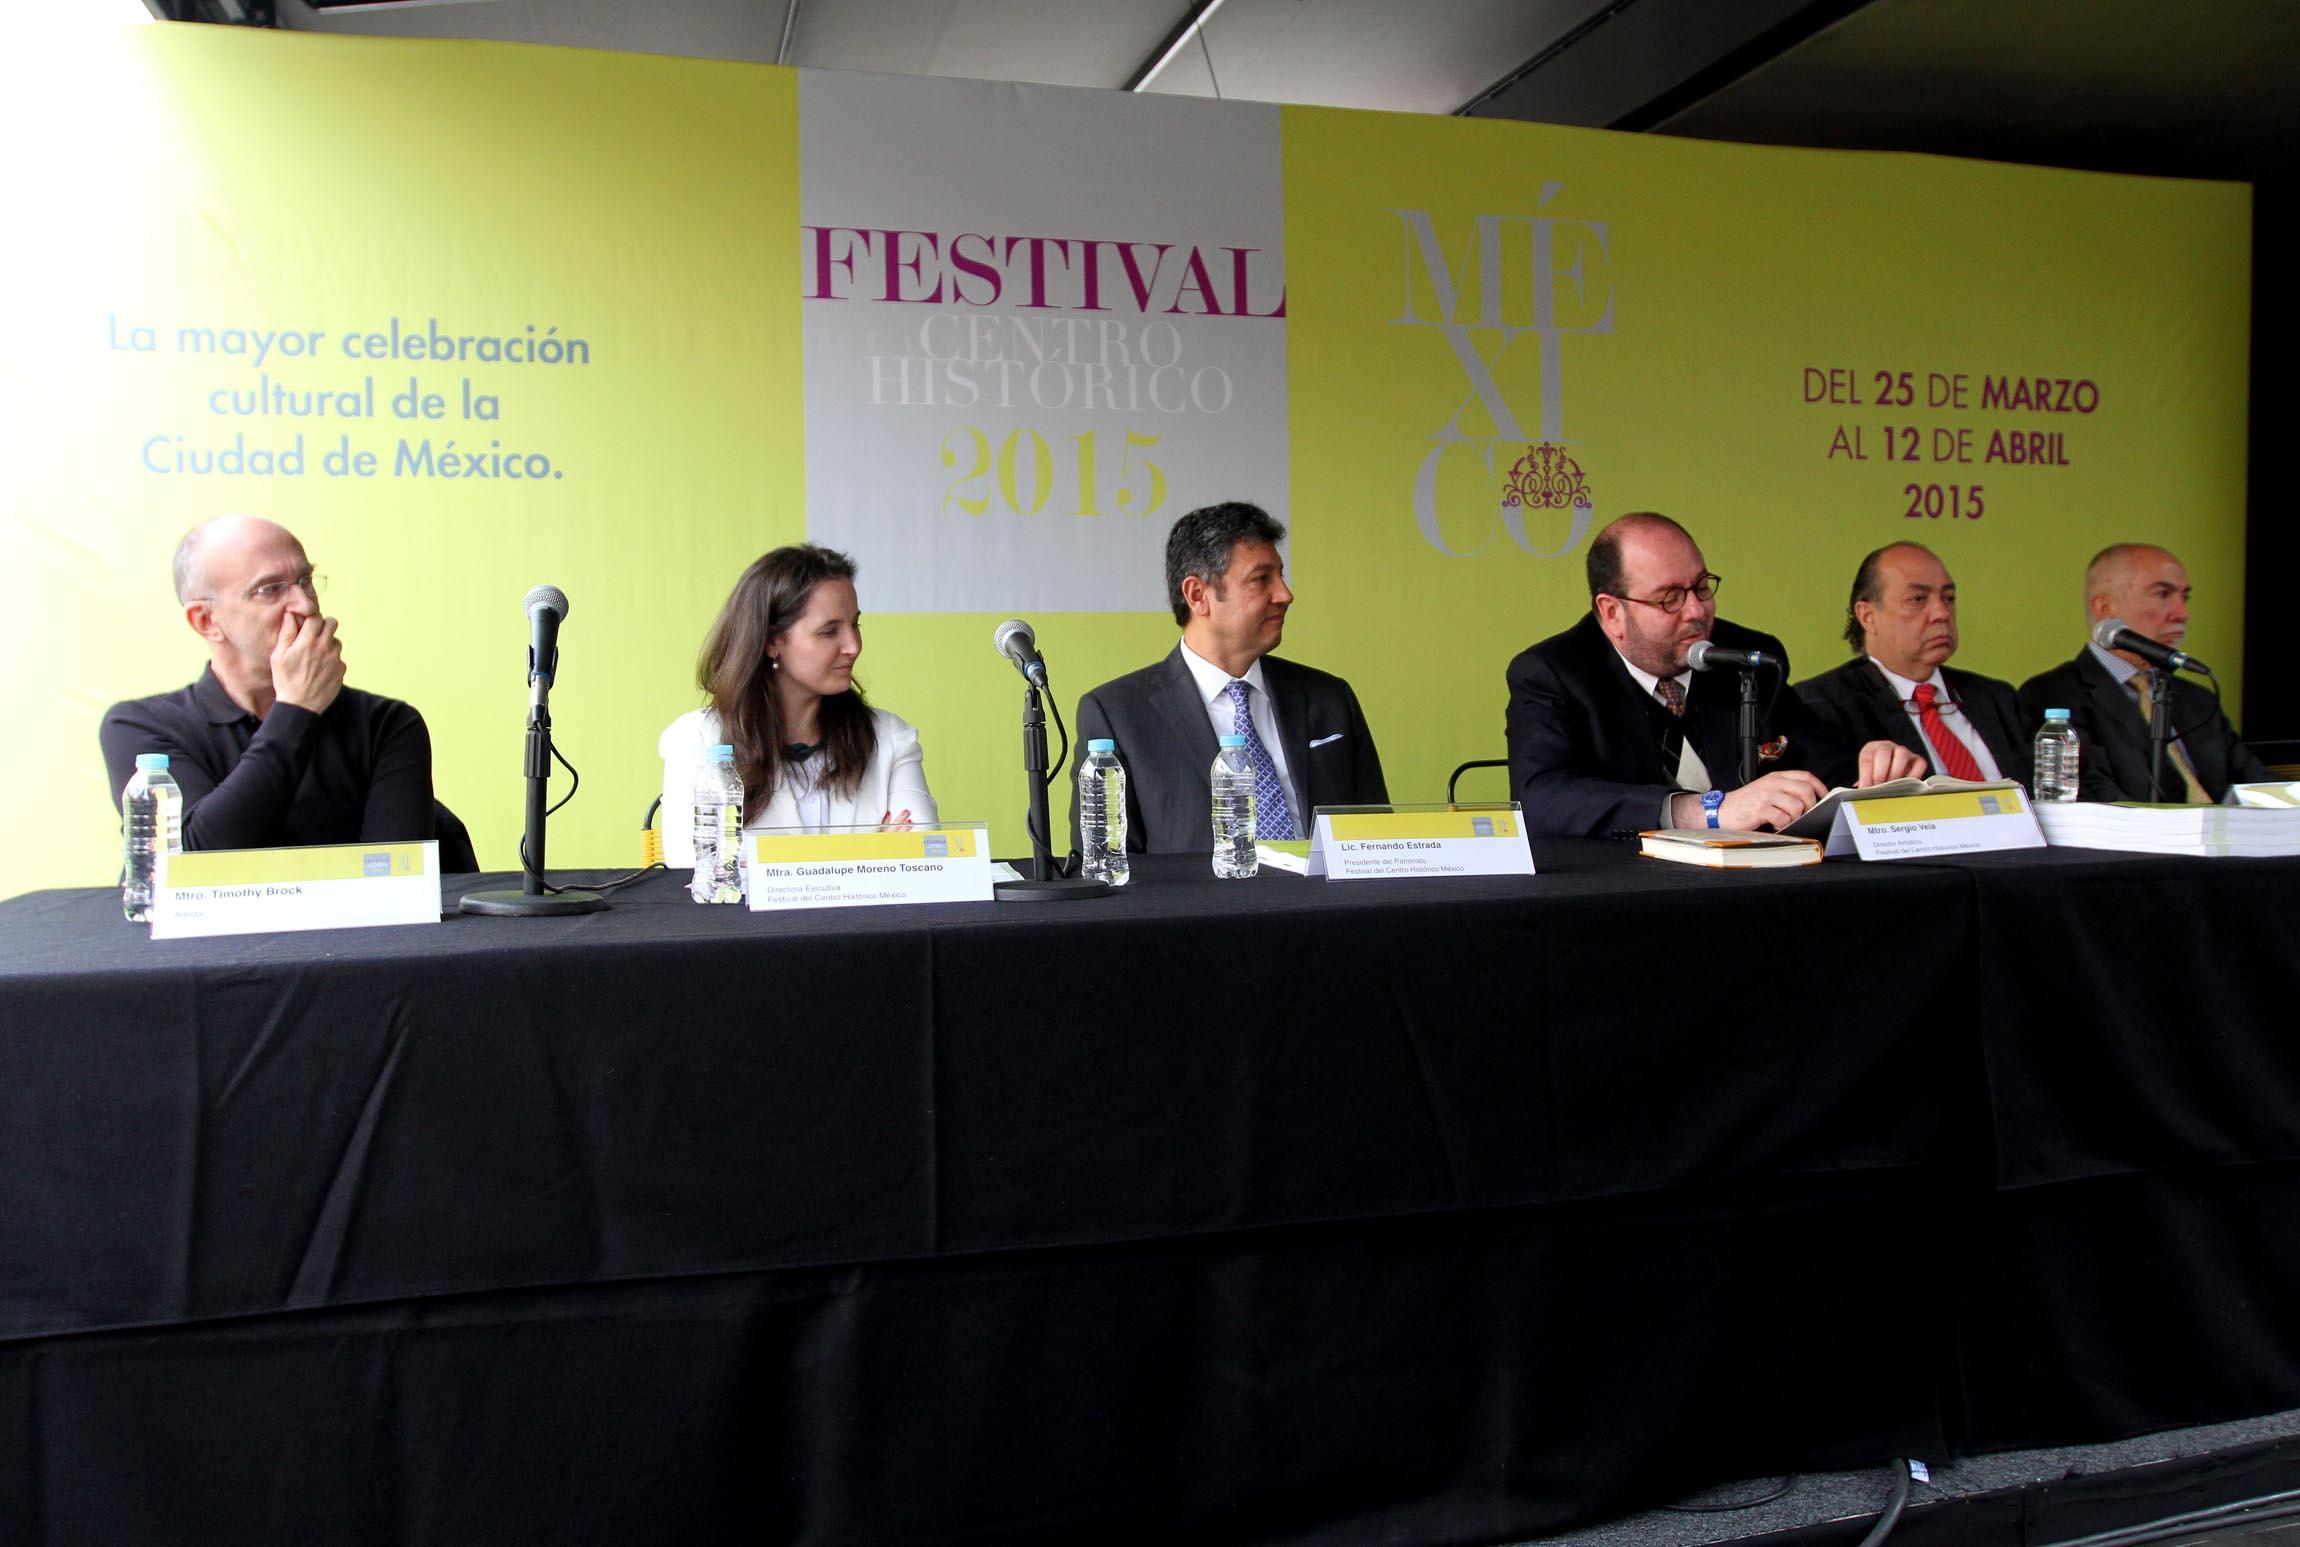 Invierten 32 mdp para Festival del Centro Histórico